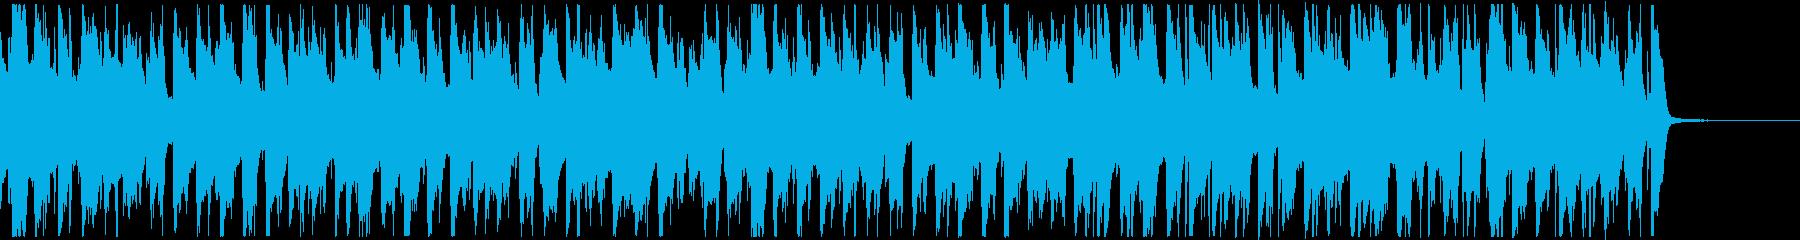 オーラ・リー ジャズアレンジ_カラオケの再生済みの波形